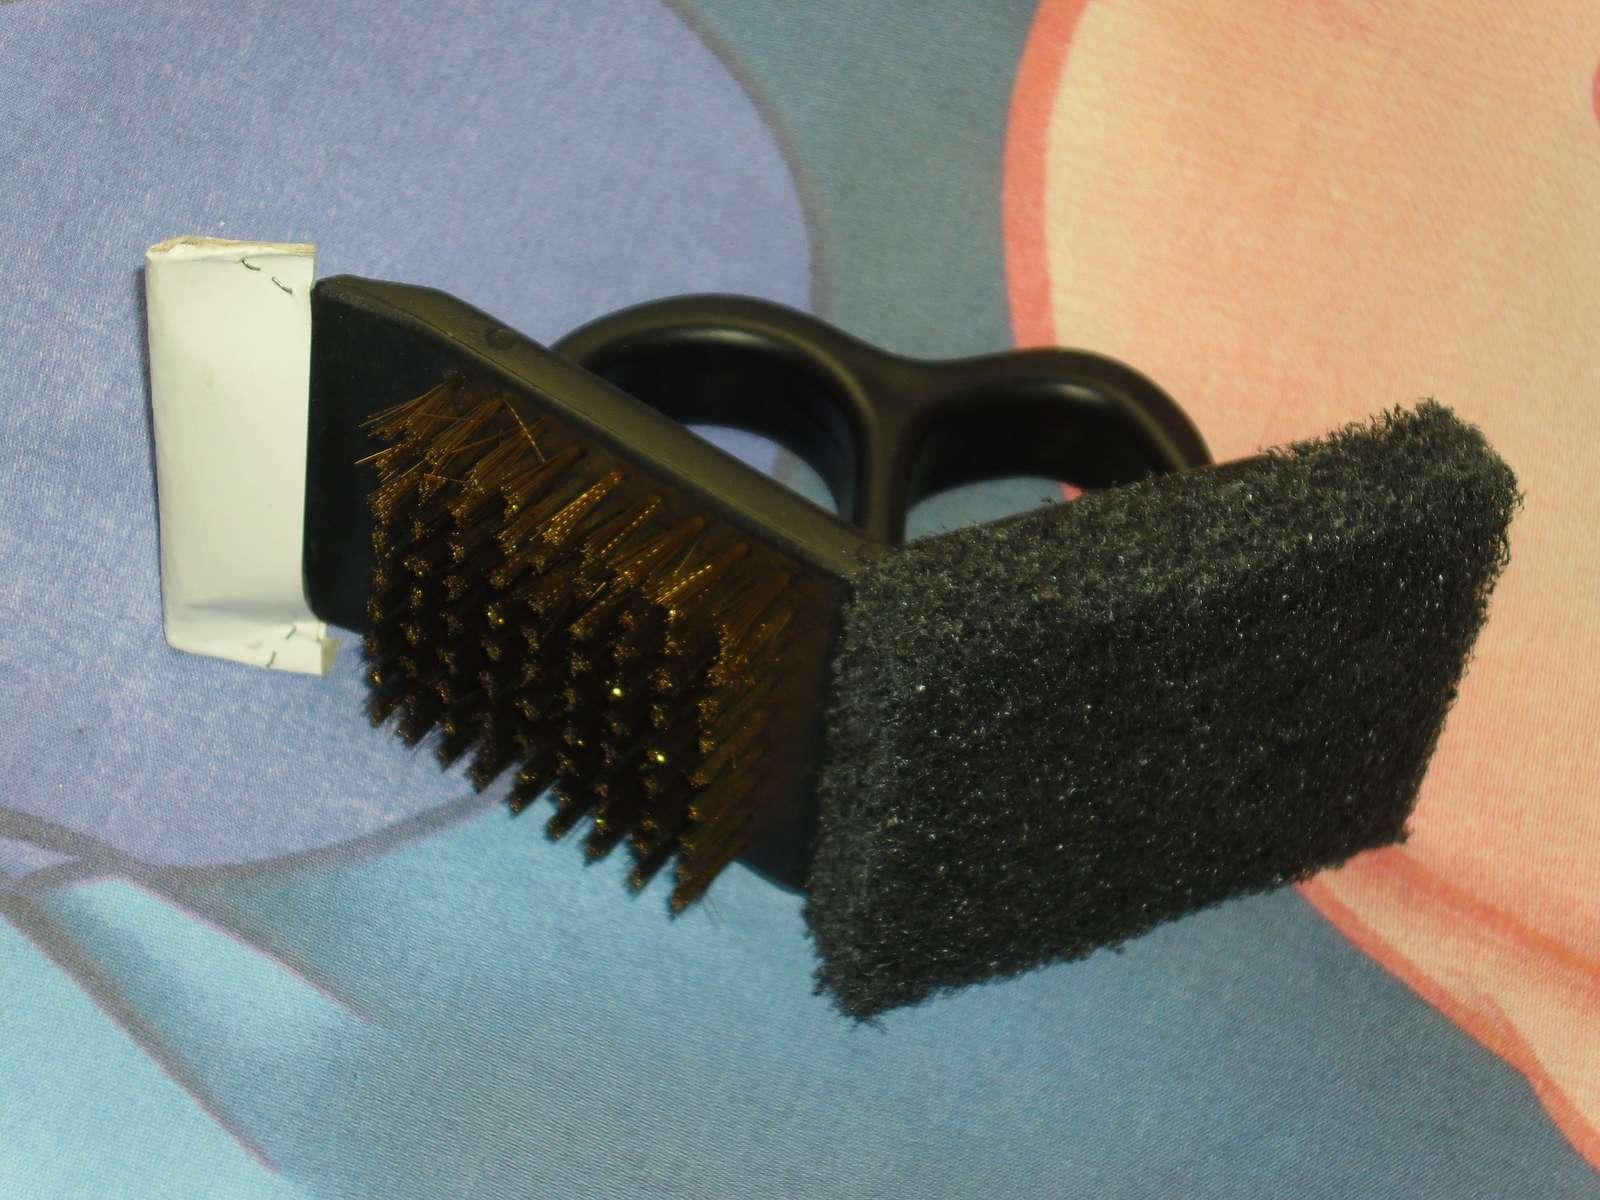 čistiaca kefa  - Obrázok č. 3